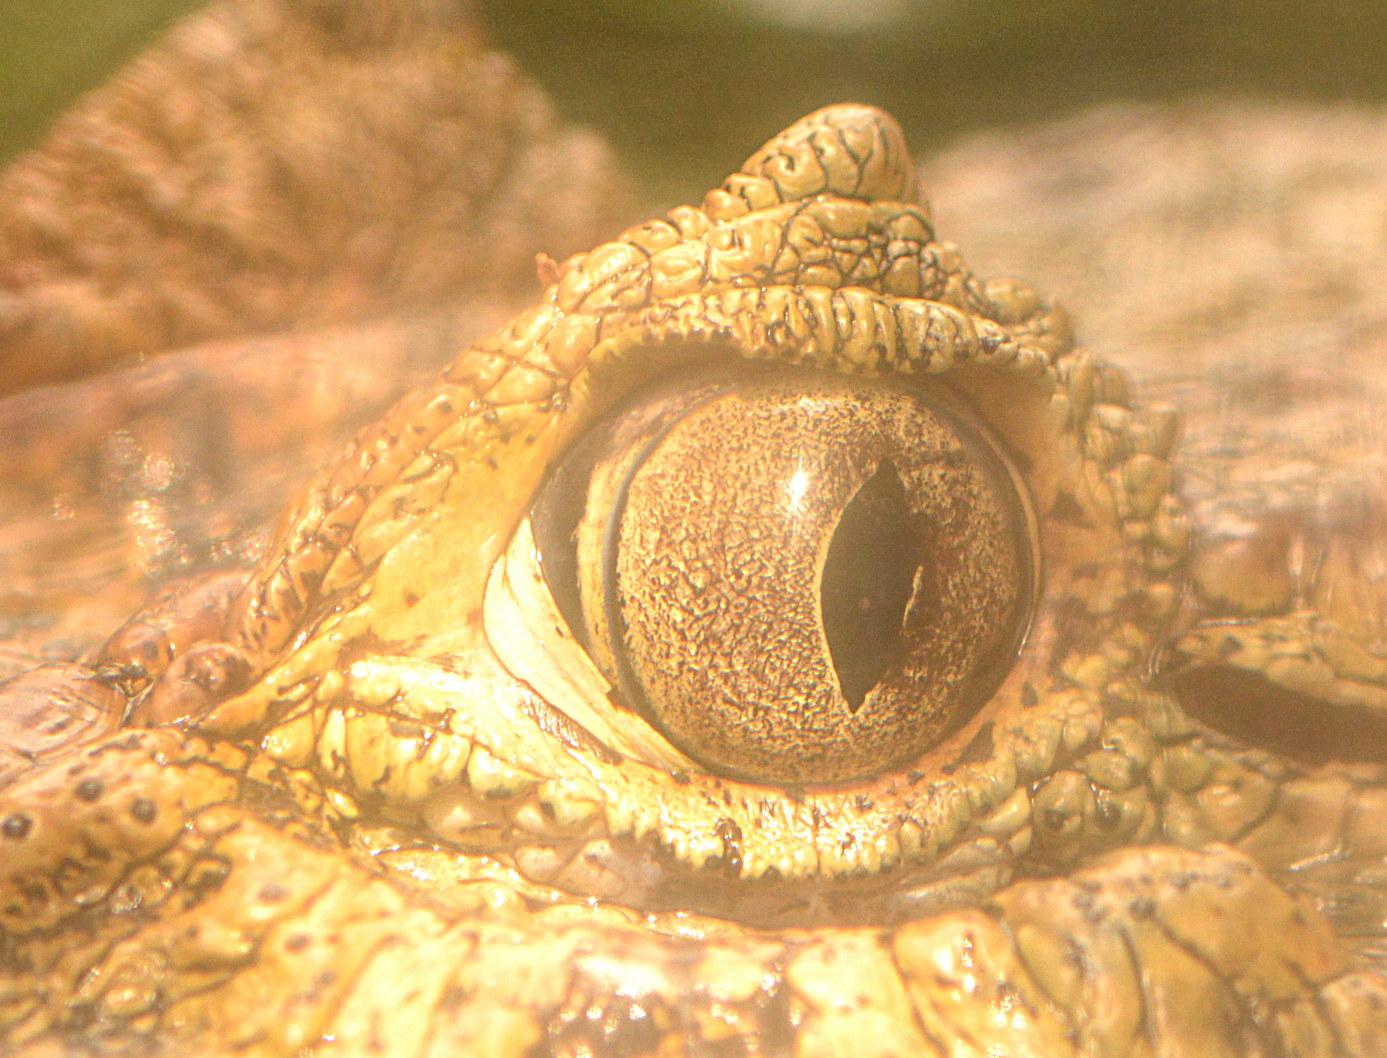 Das Auge eines Breitschnauzenkaimans